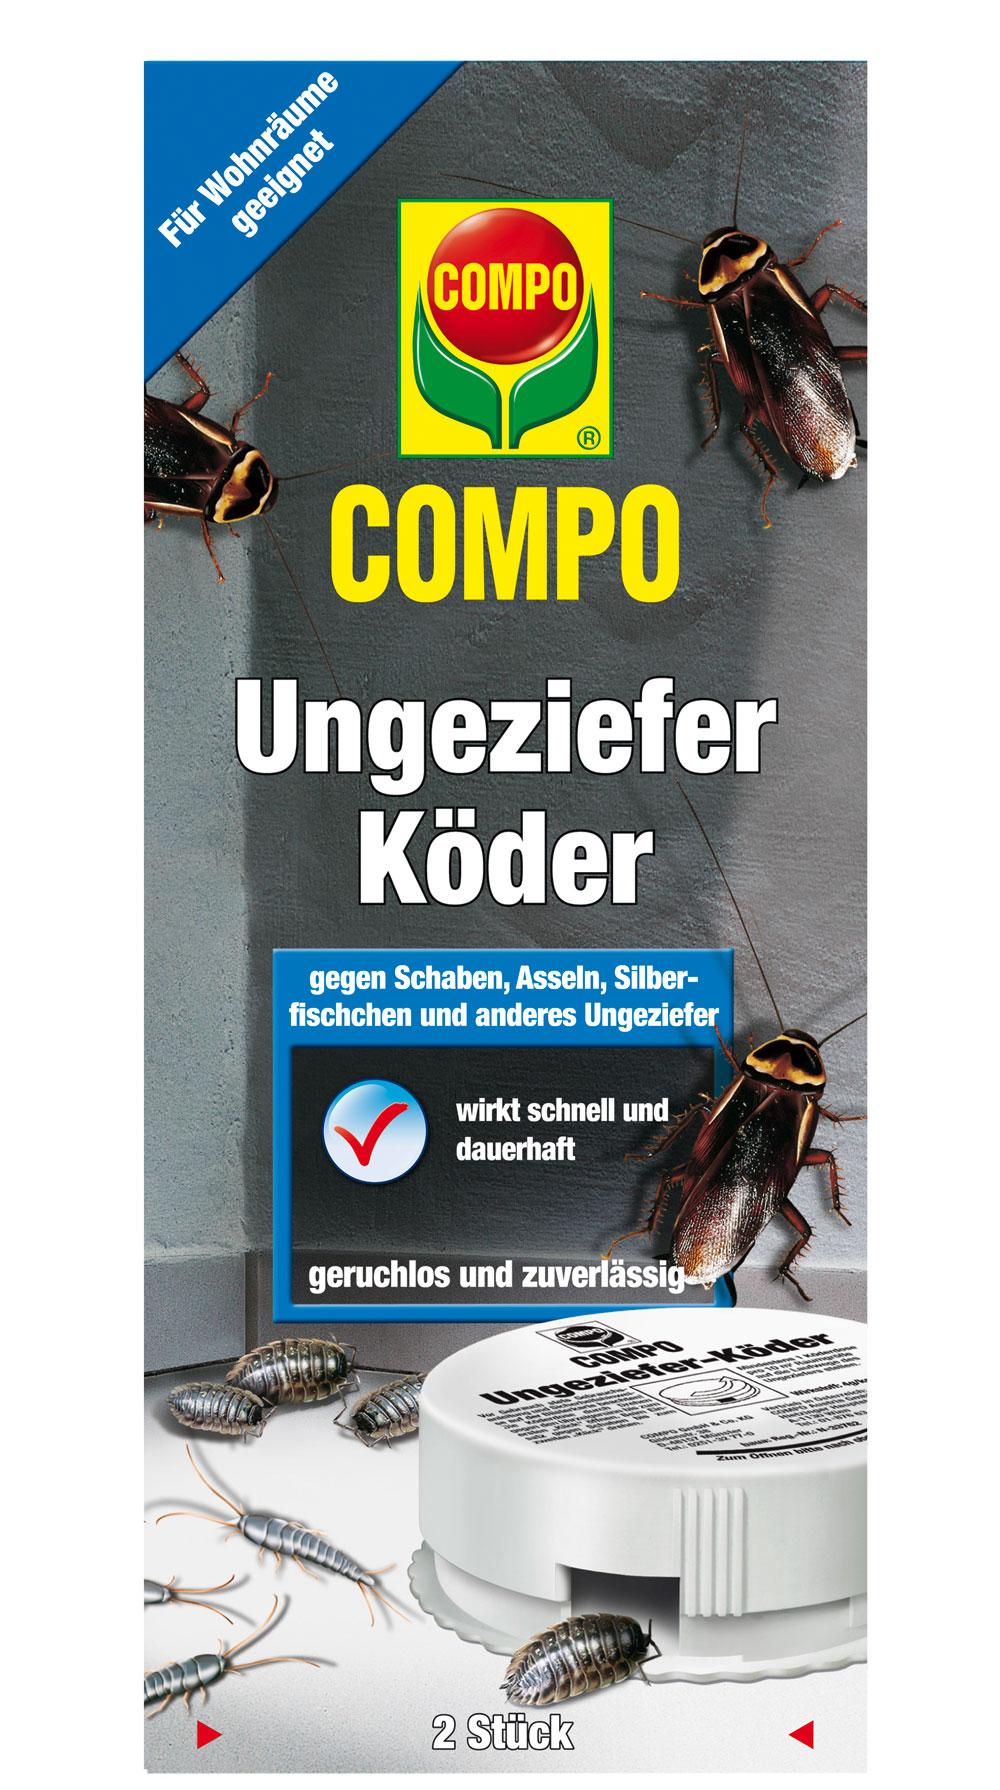 Compo Ungeziefer Köder Dose gegen Silberfischchen 2 Stück Bild 1